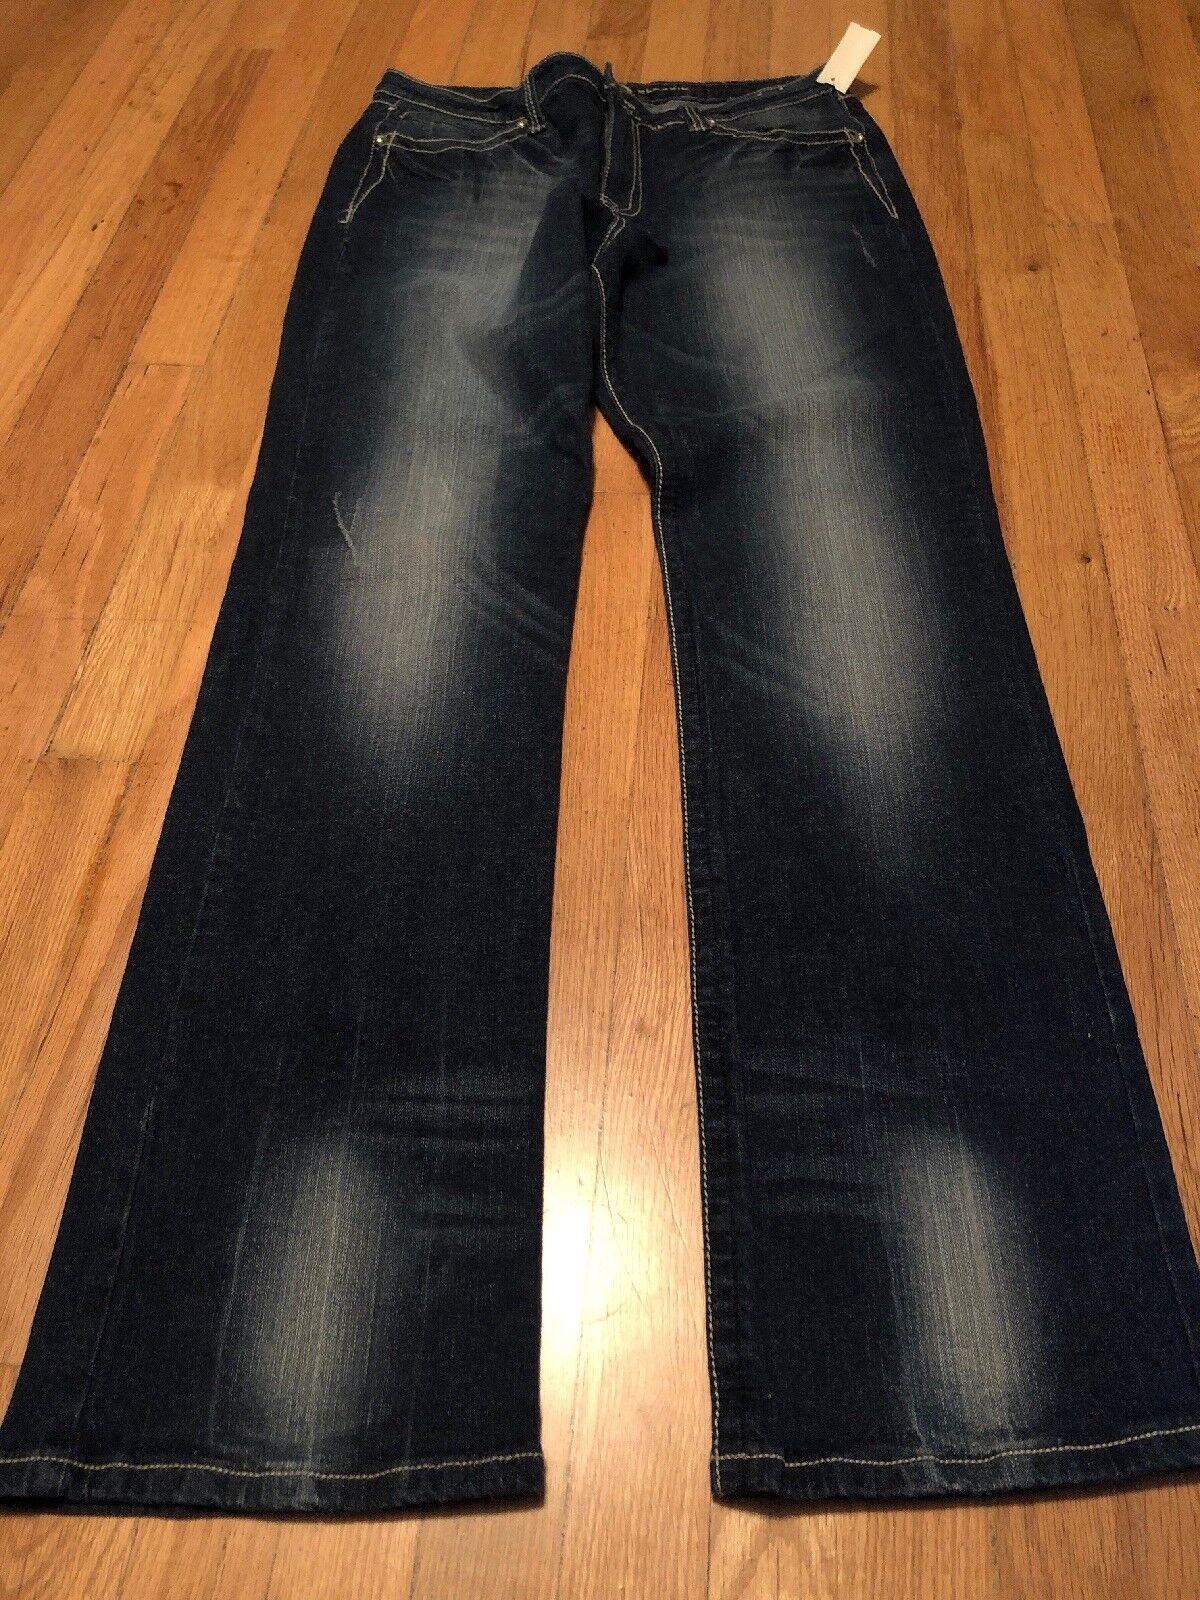 Ethyl Classic Women's bluee Rhinestone Cross Boot Cut Jeans Size 14 New